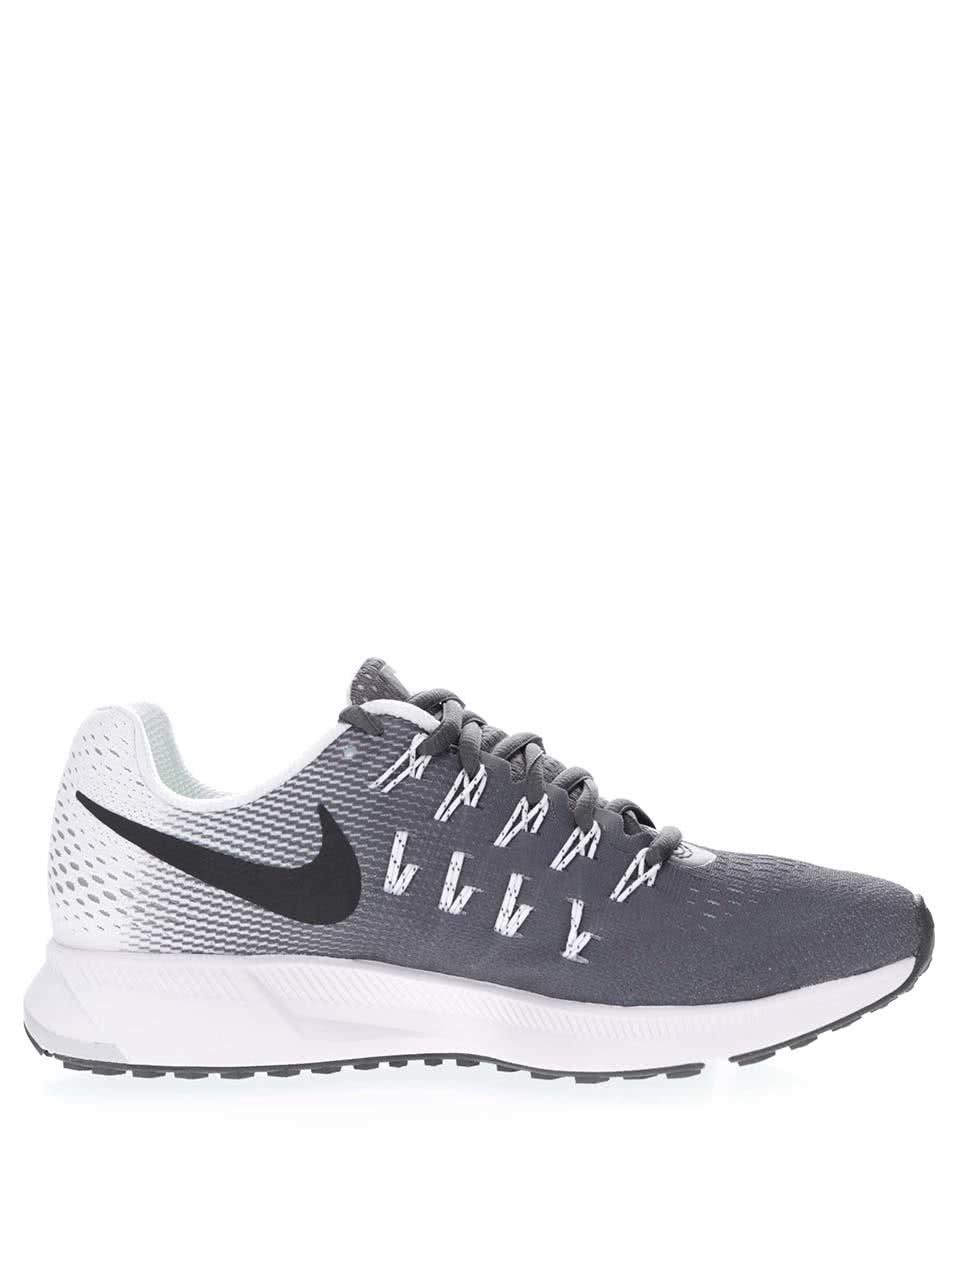 Šedo-černé dámské tenisky Nike Air Zoom Pegasus 33 ... 7f07ee8178